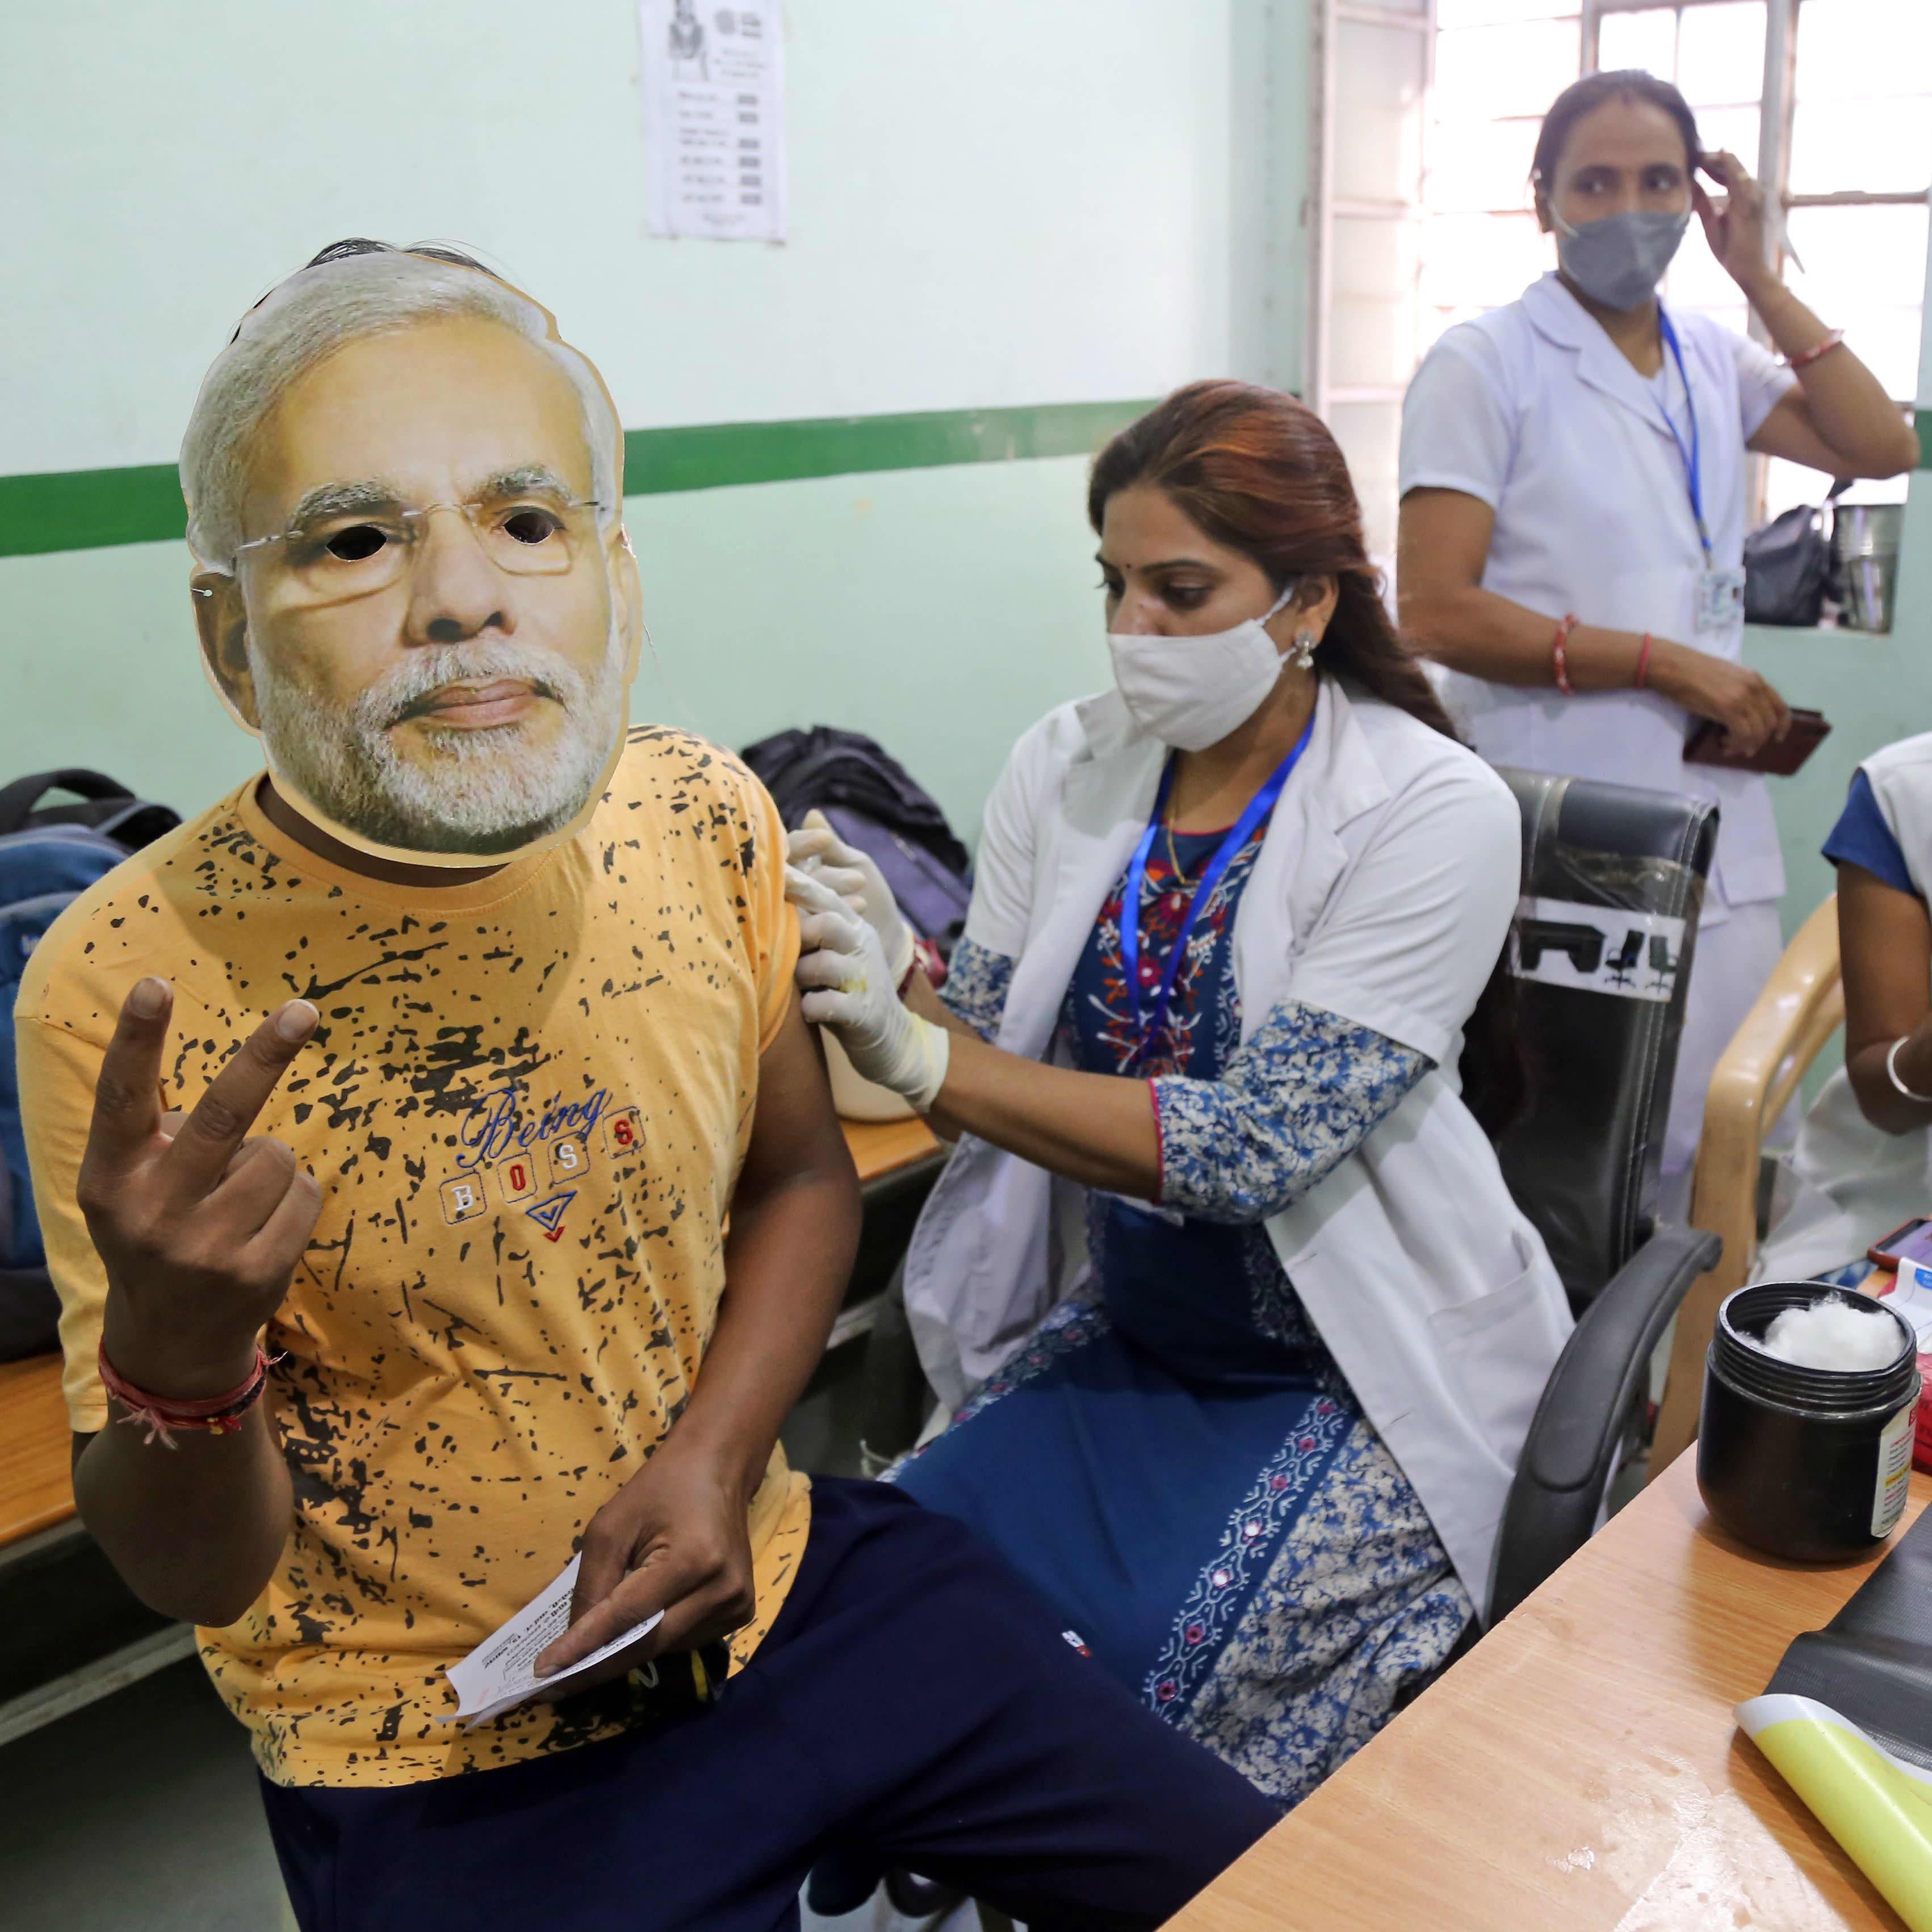 Terveydenhoitaja antaa koronarokottetta intialaiselle henkilölle.